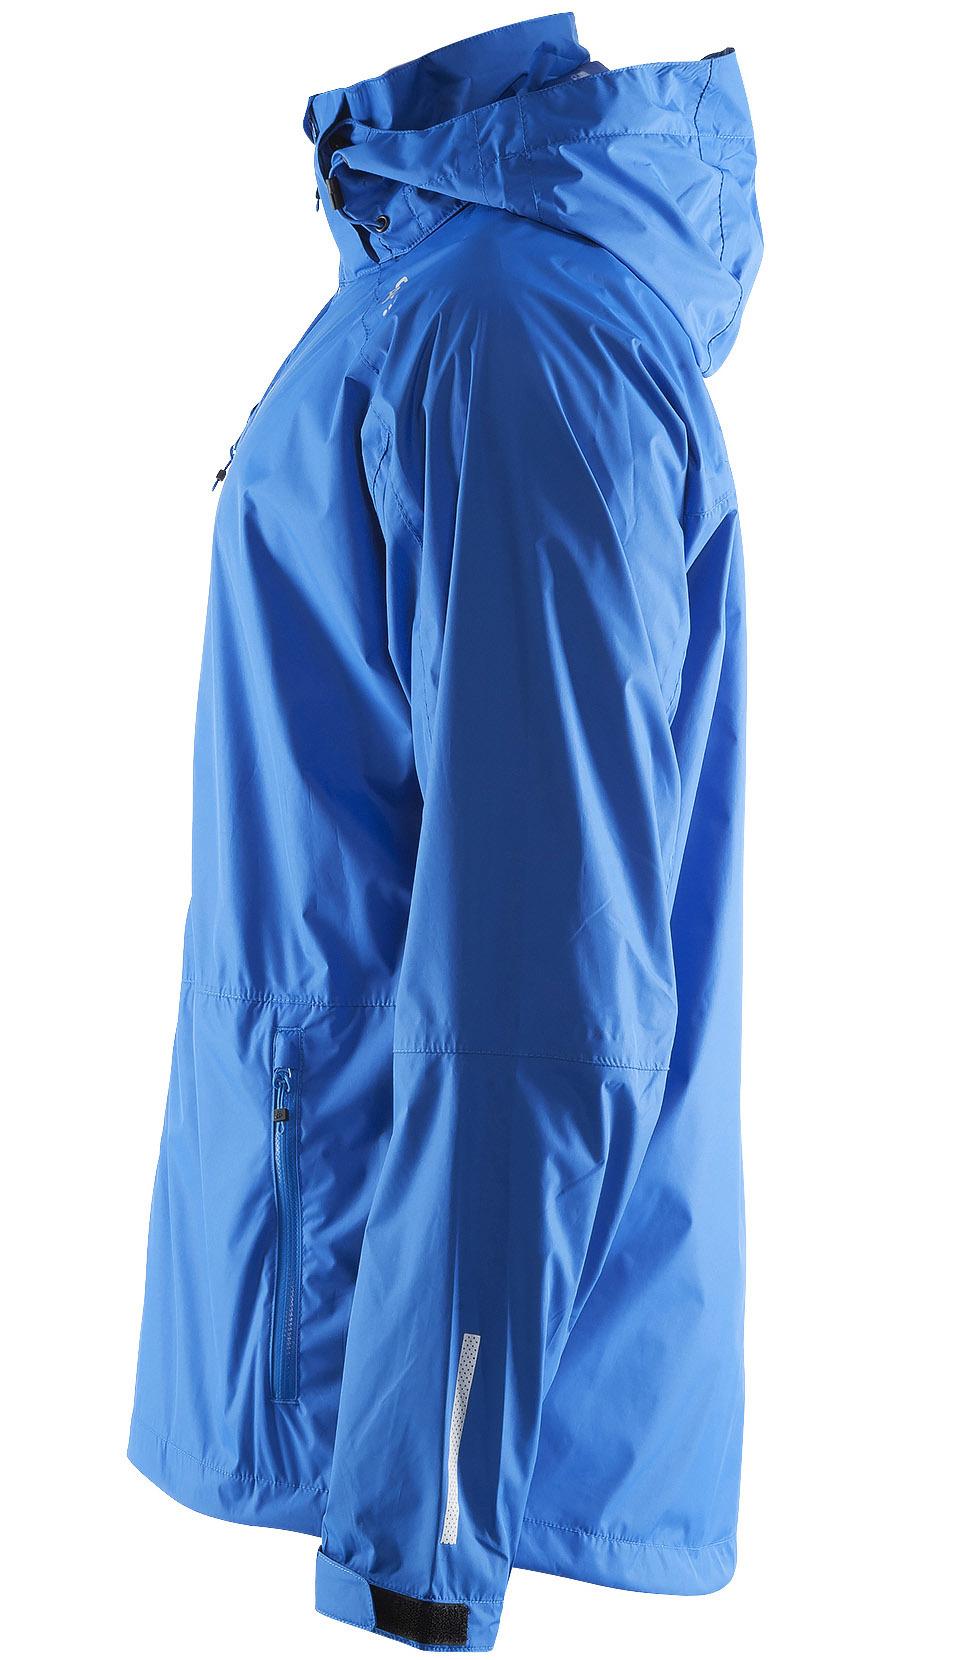 Ветрозащитная куртка-дождевик мужская Craft Aqua Rain синяя - 4